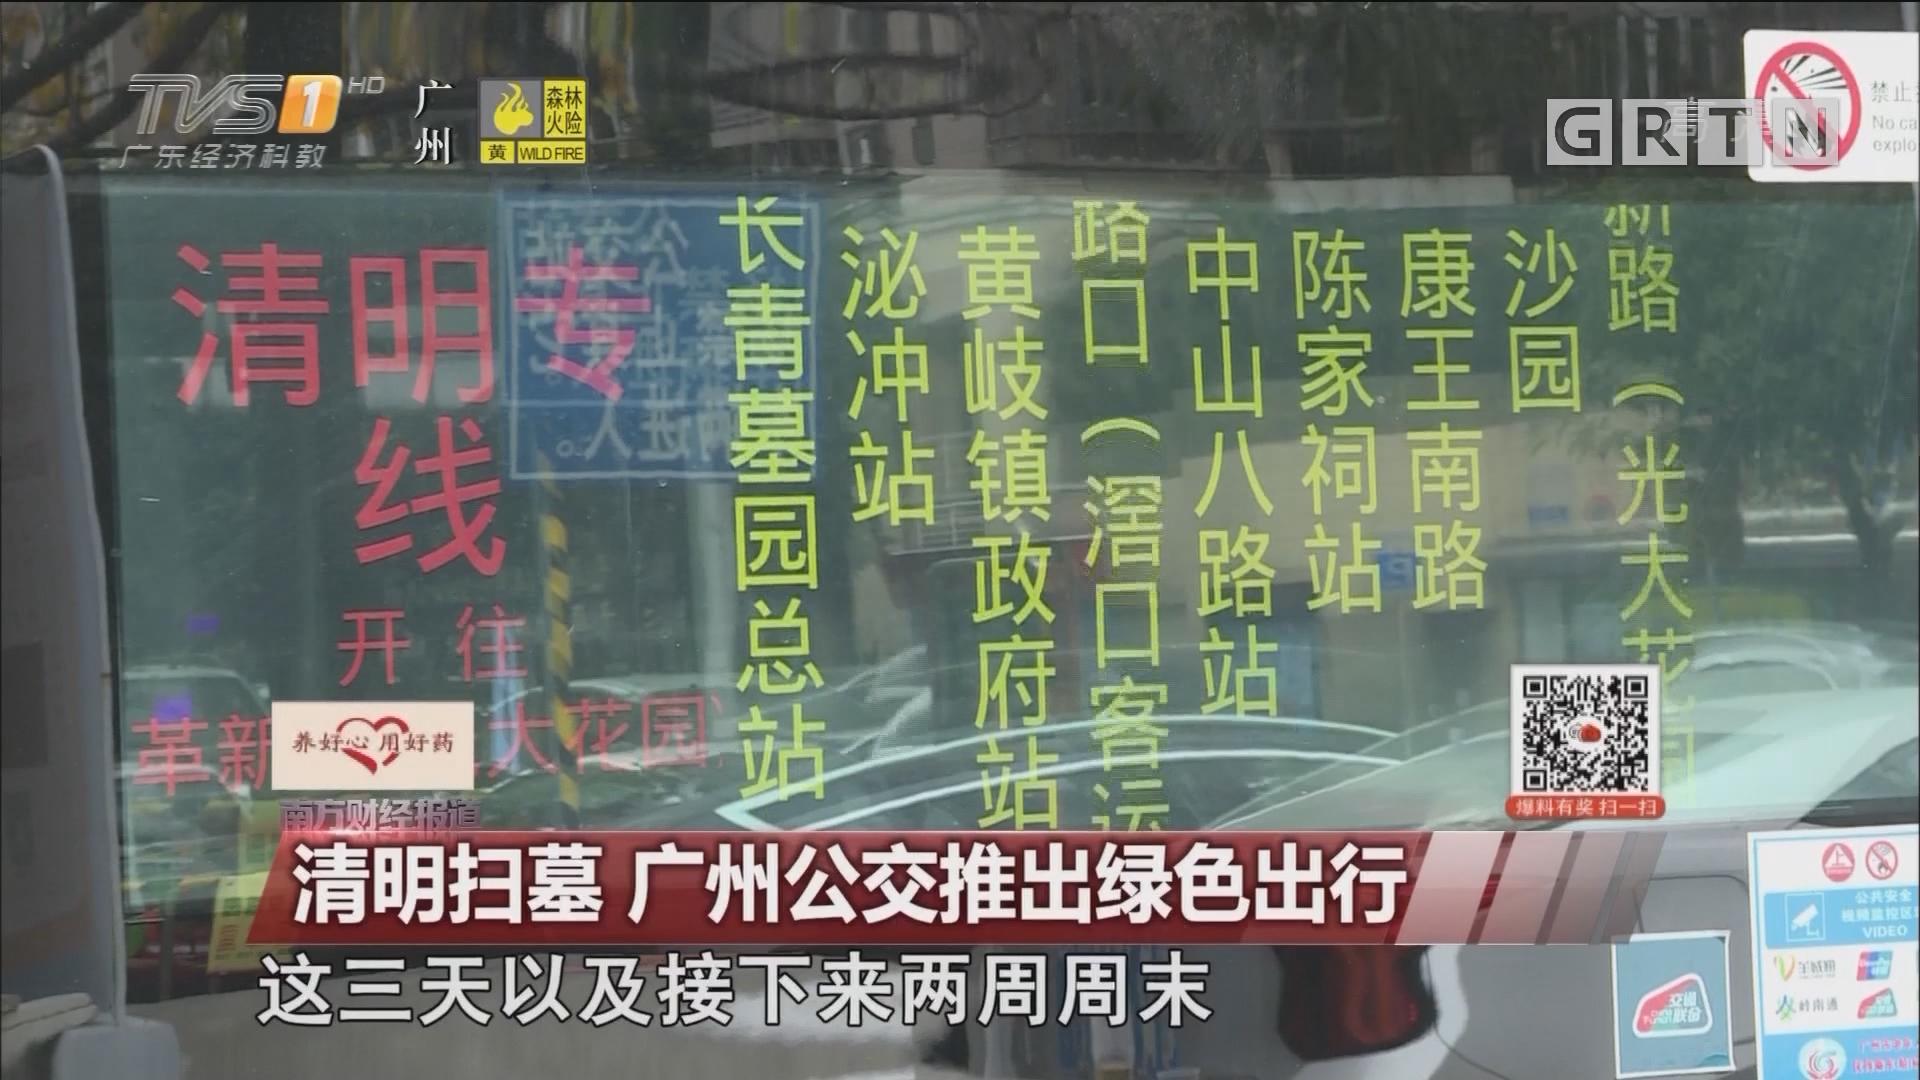 清明扫墓 广州公交推出绿色出行